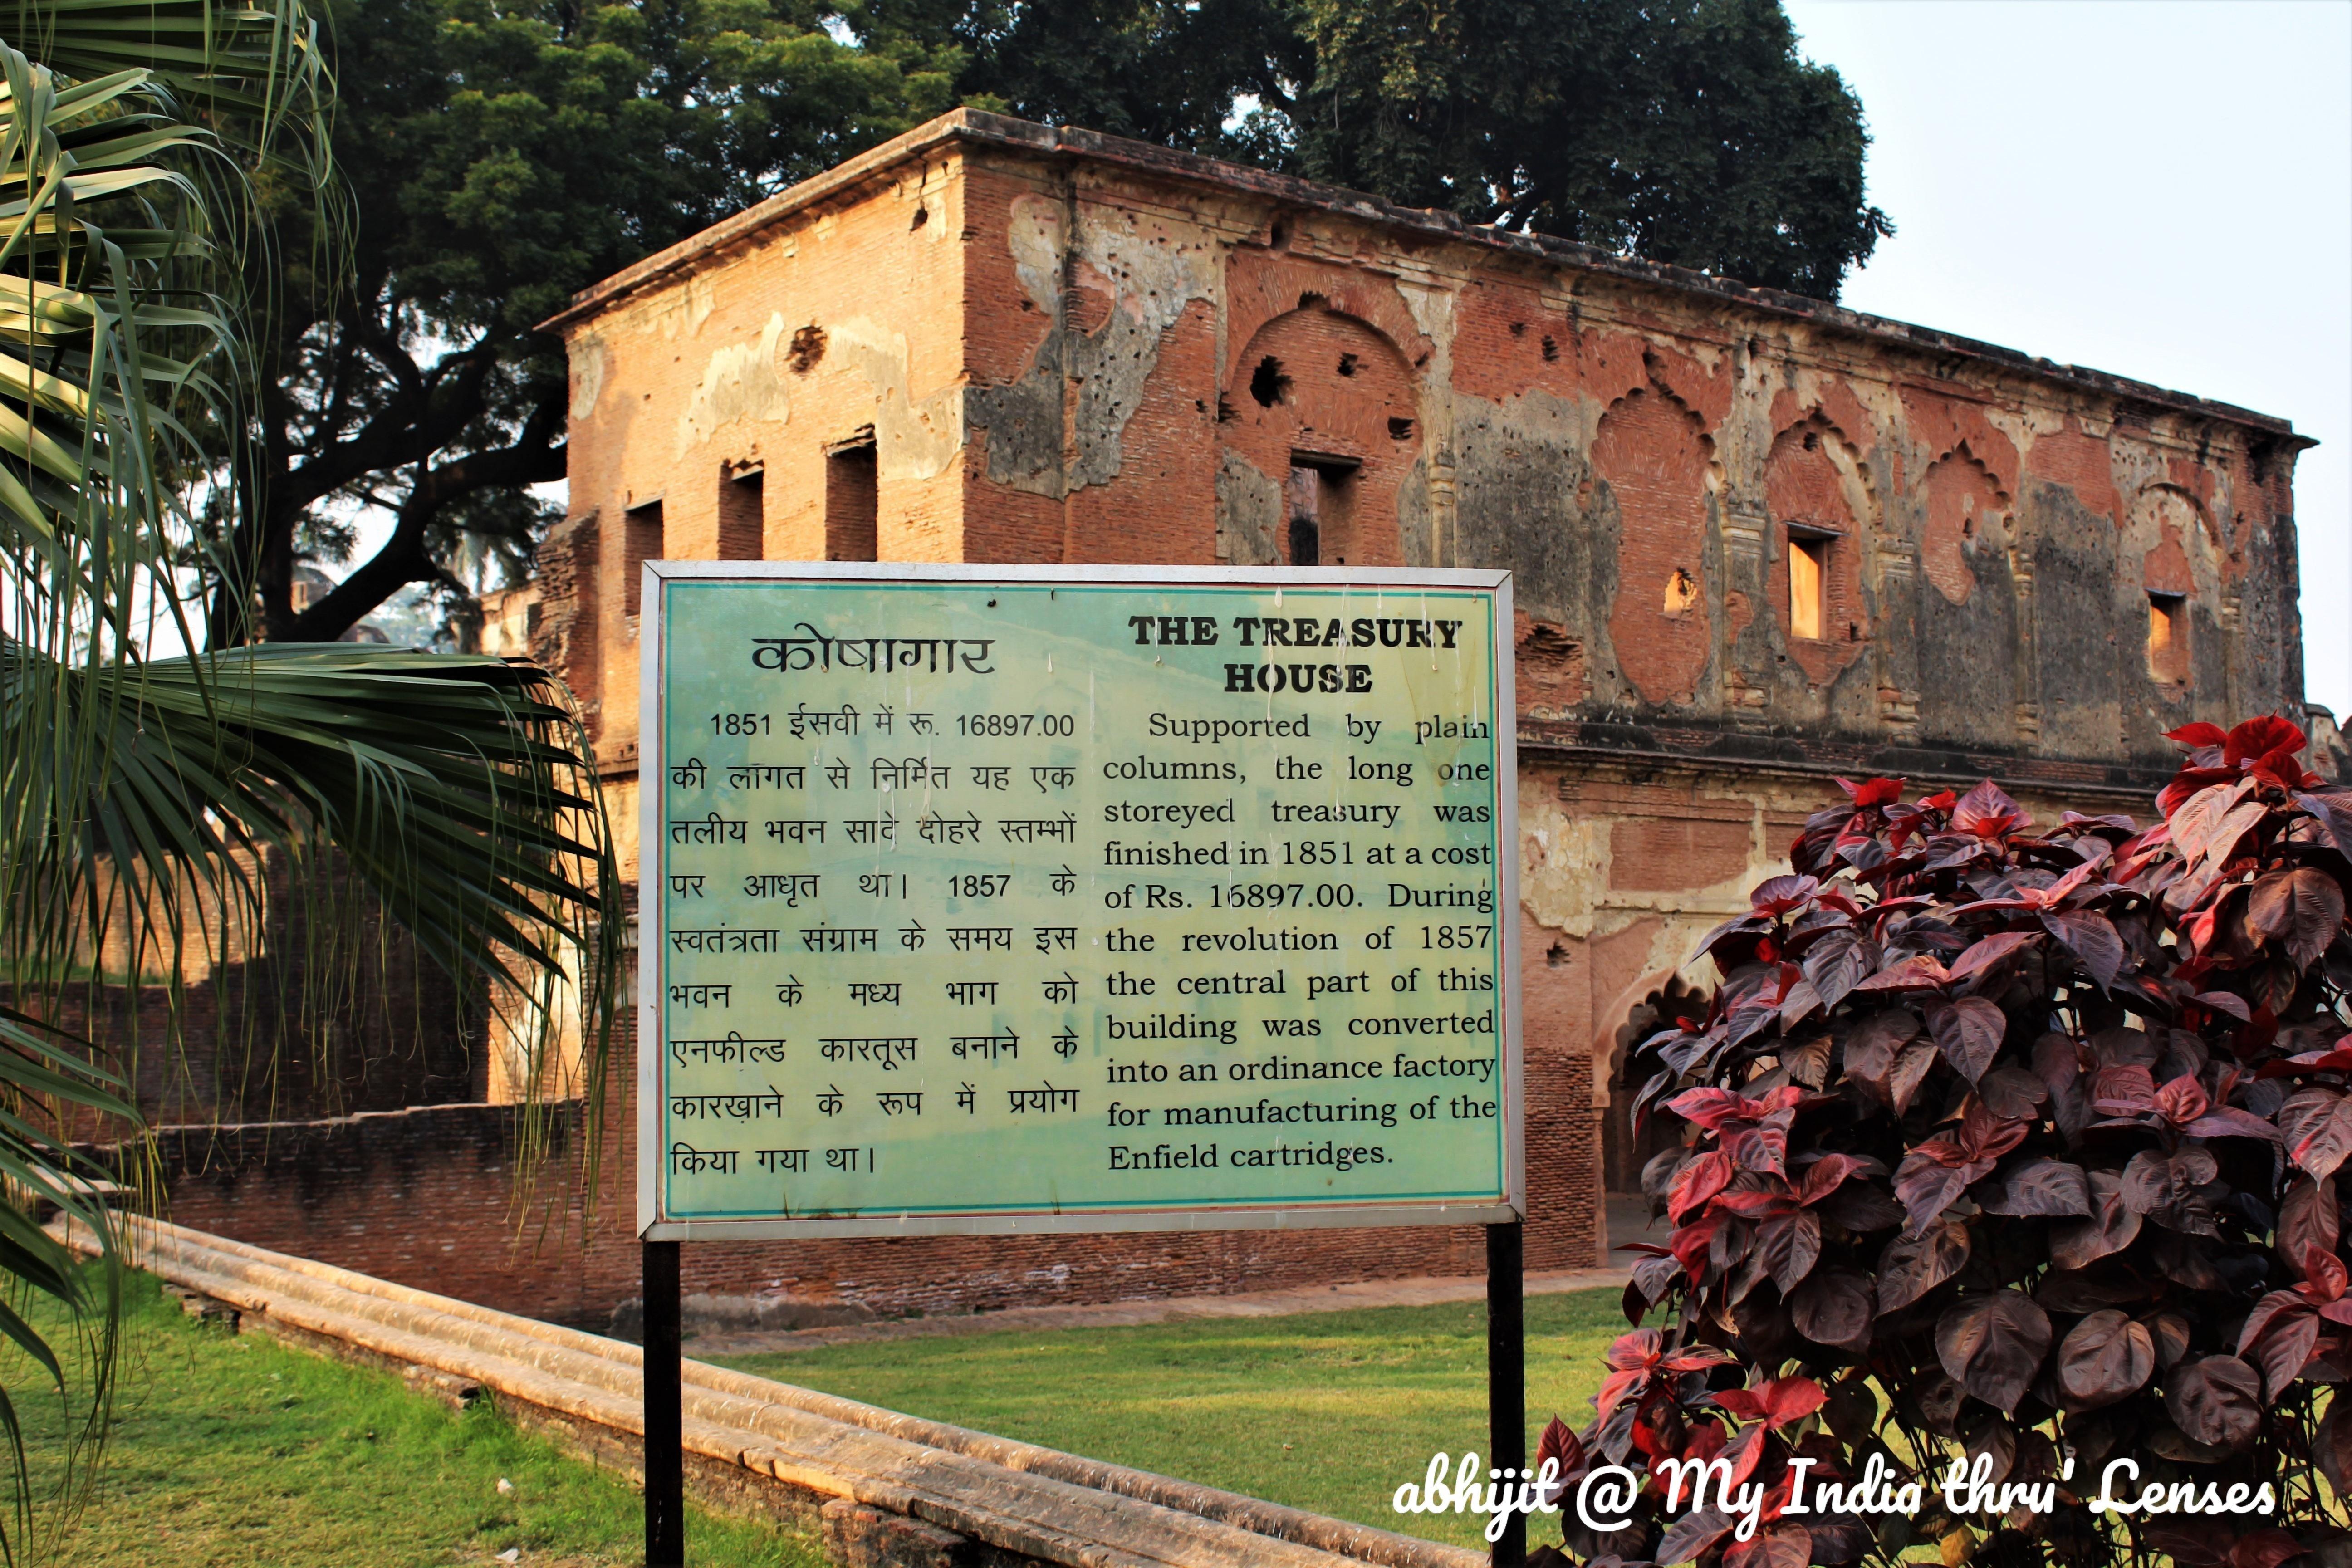 The Treasury House